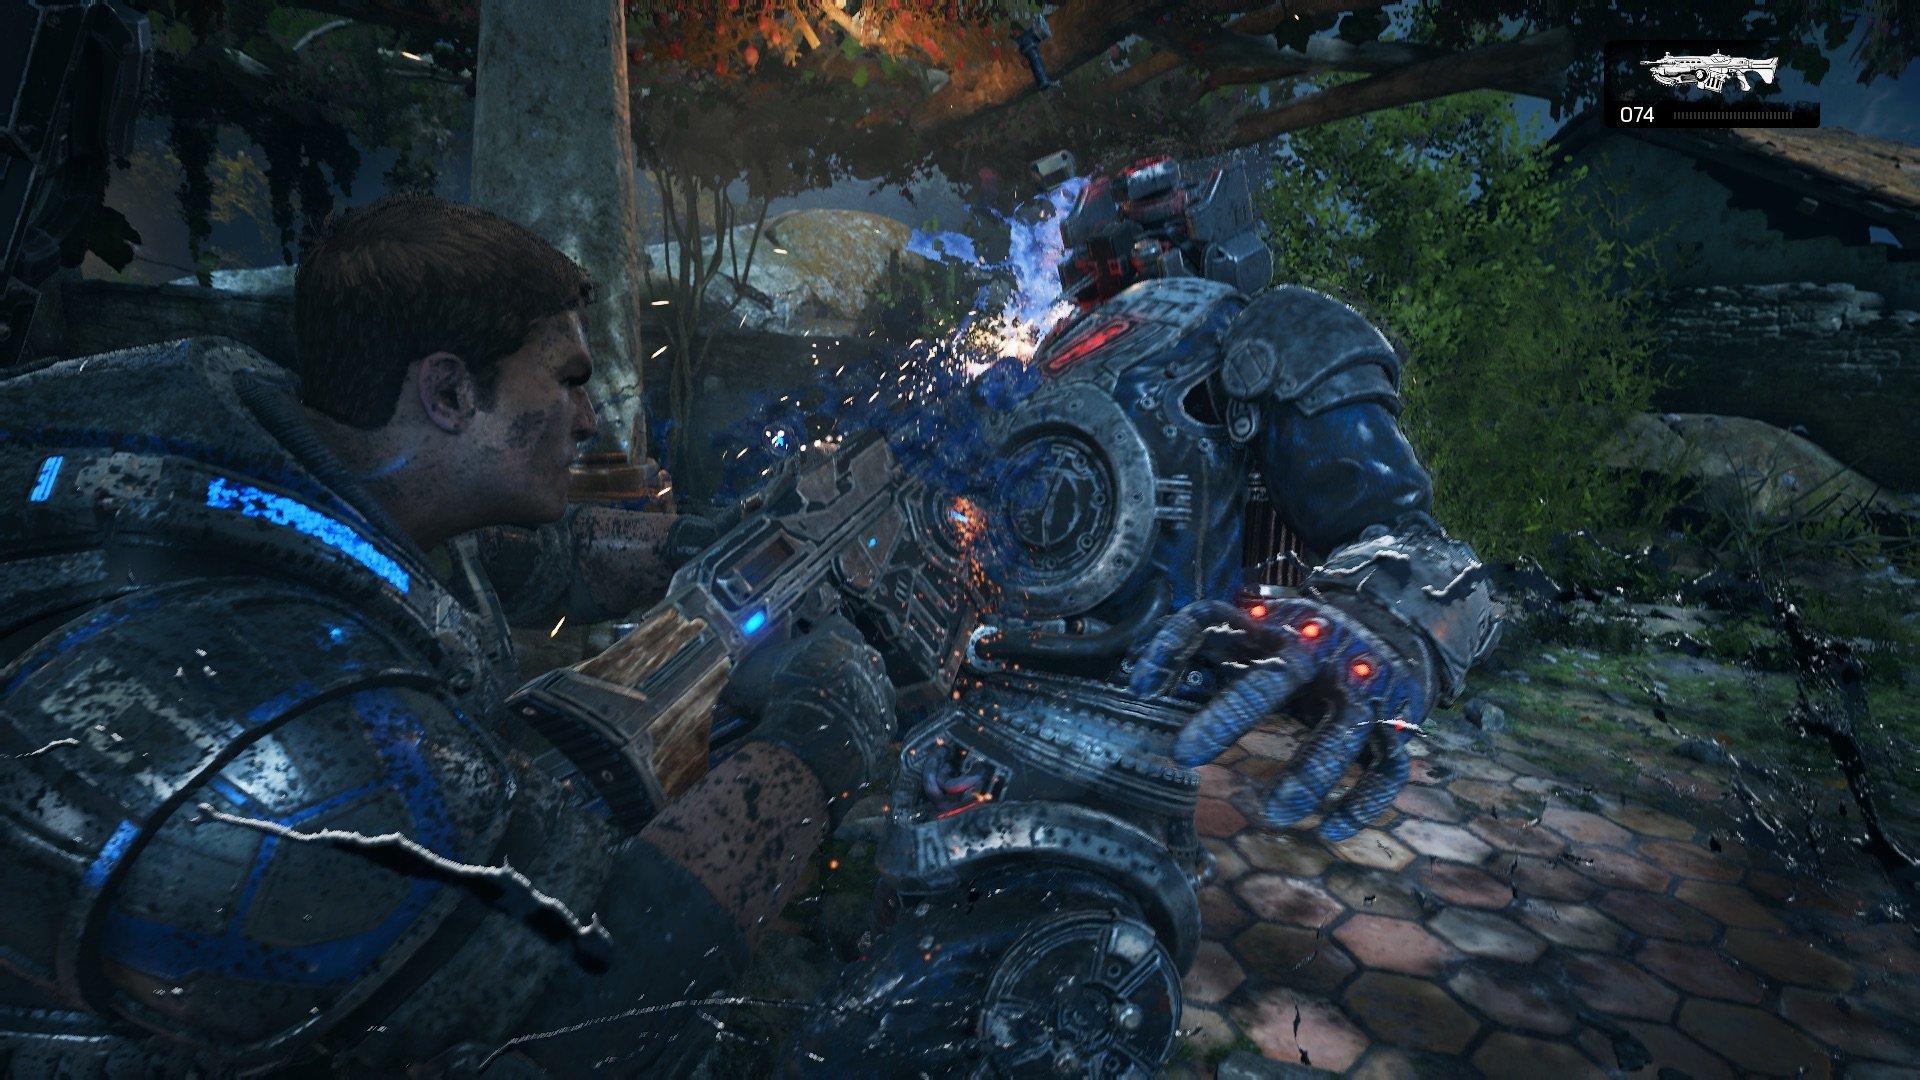 gears of war 4 conan o brien disgusting men review обзор рецензия gears of war